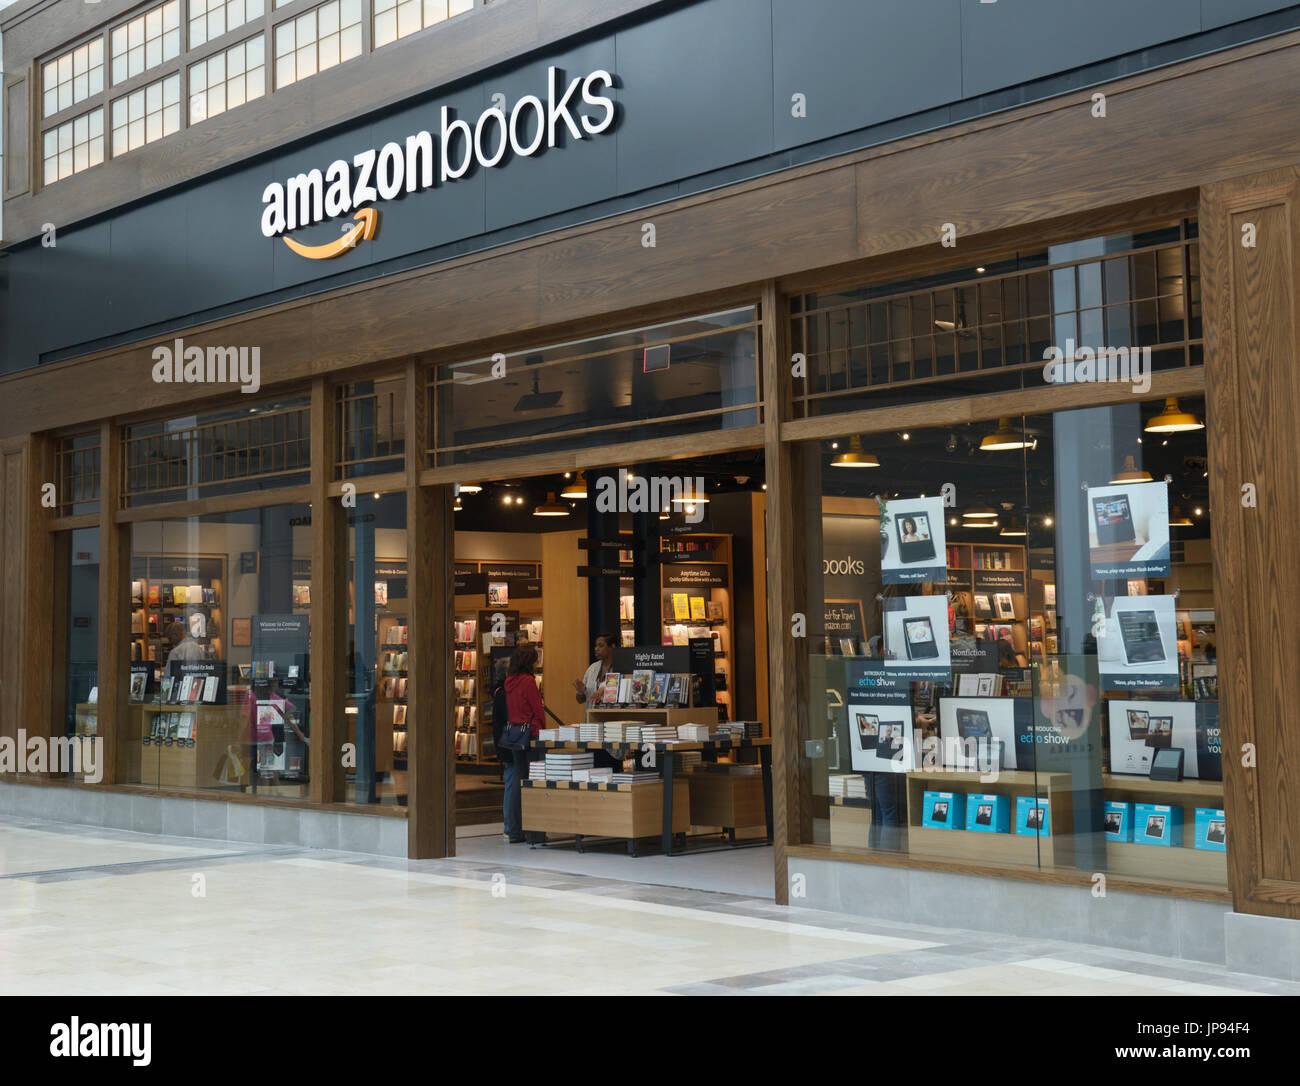 Amazonbooks store extérieur en un centre commercial, dans le nord de la NJ Photo Stock